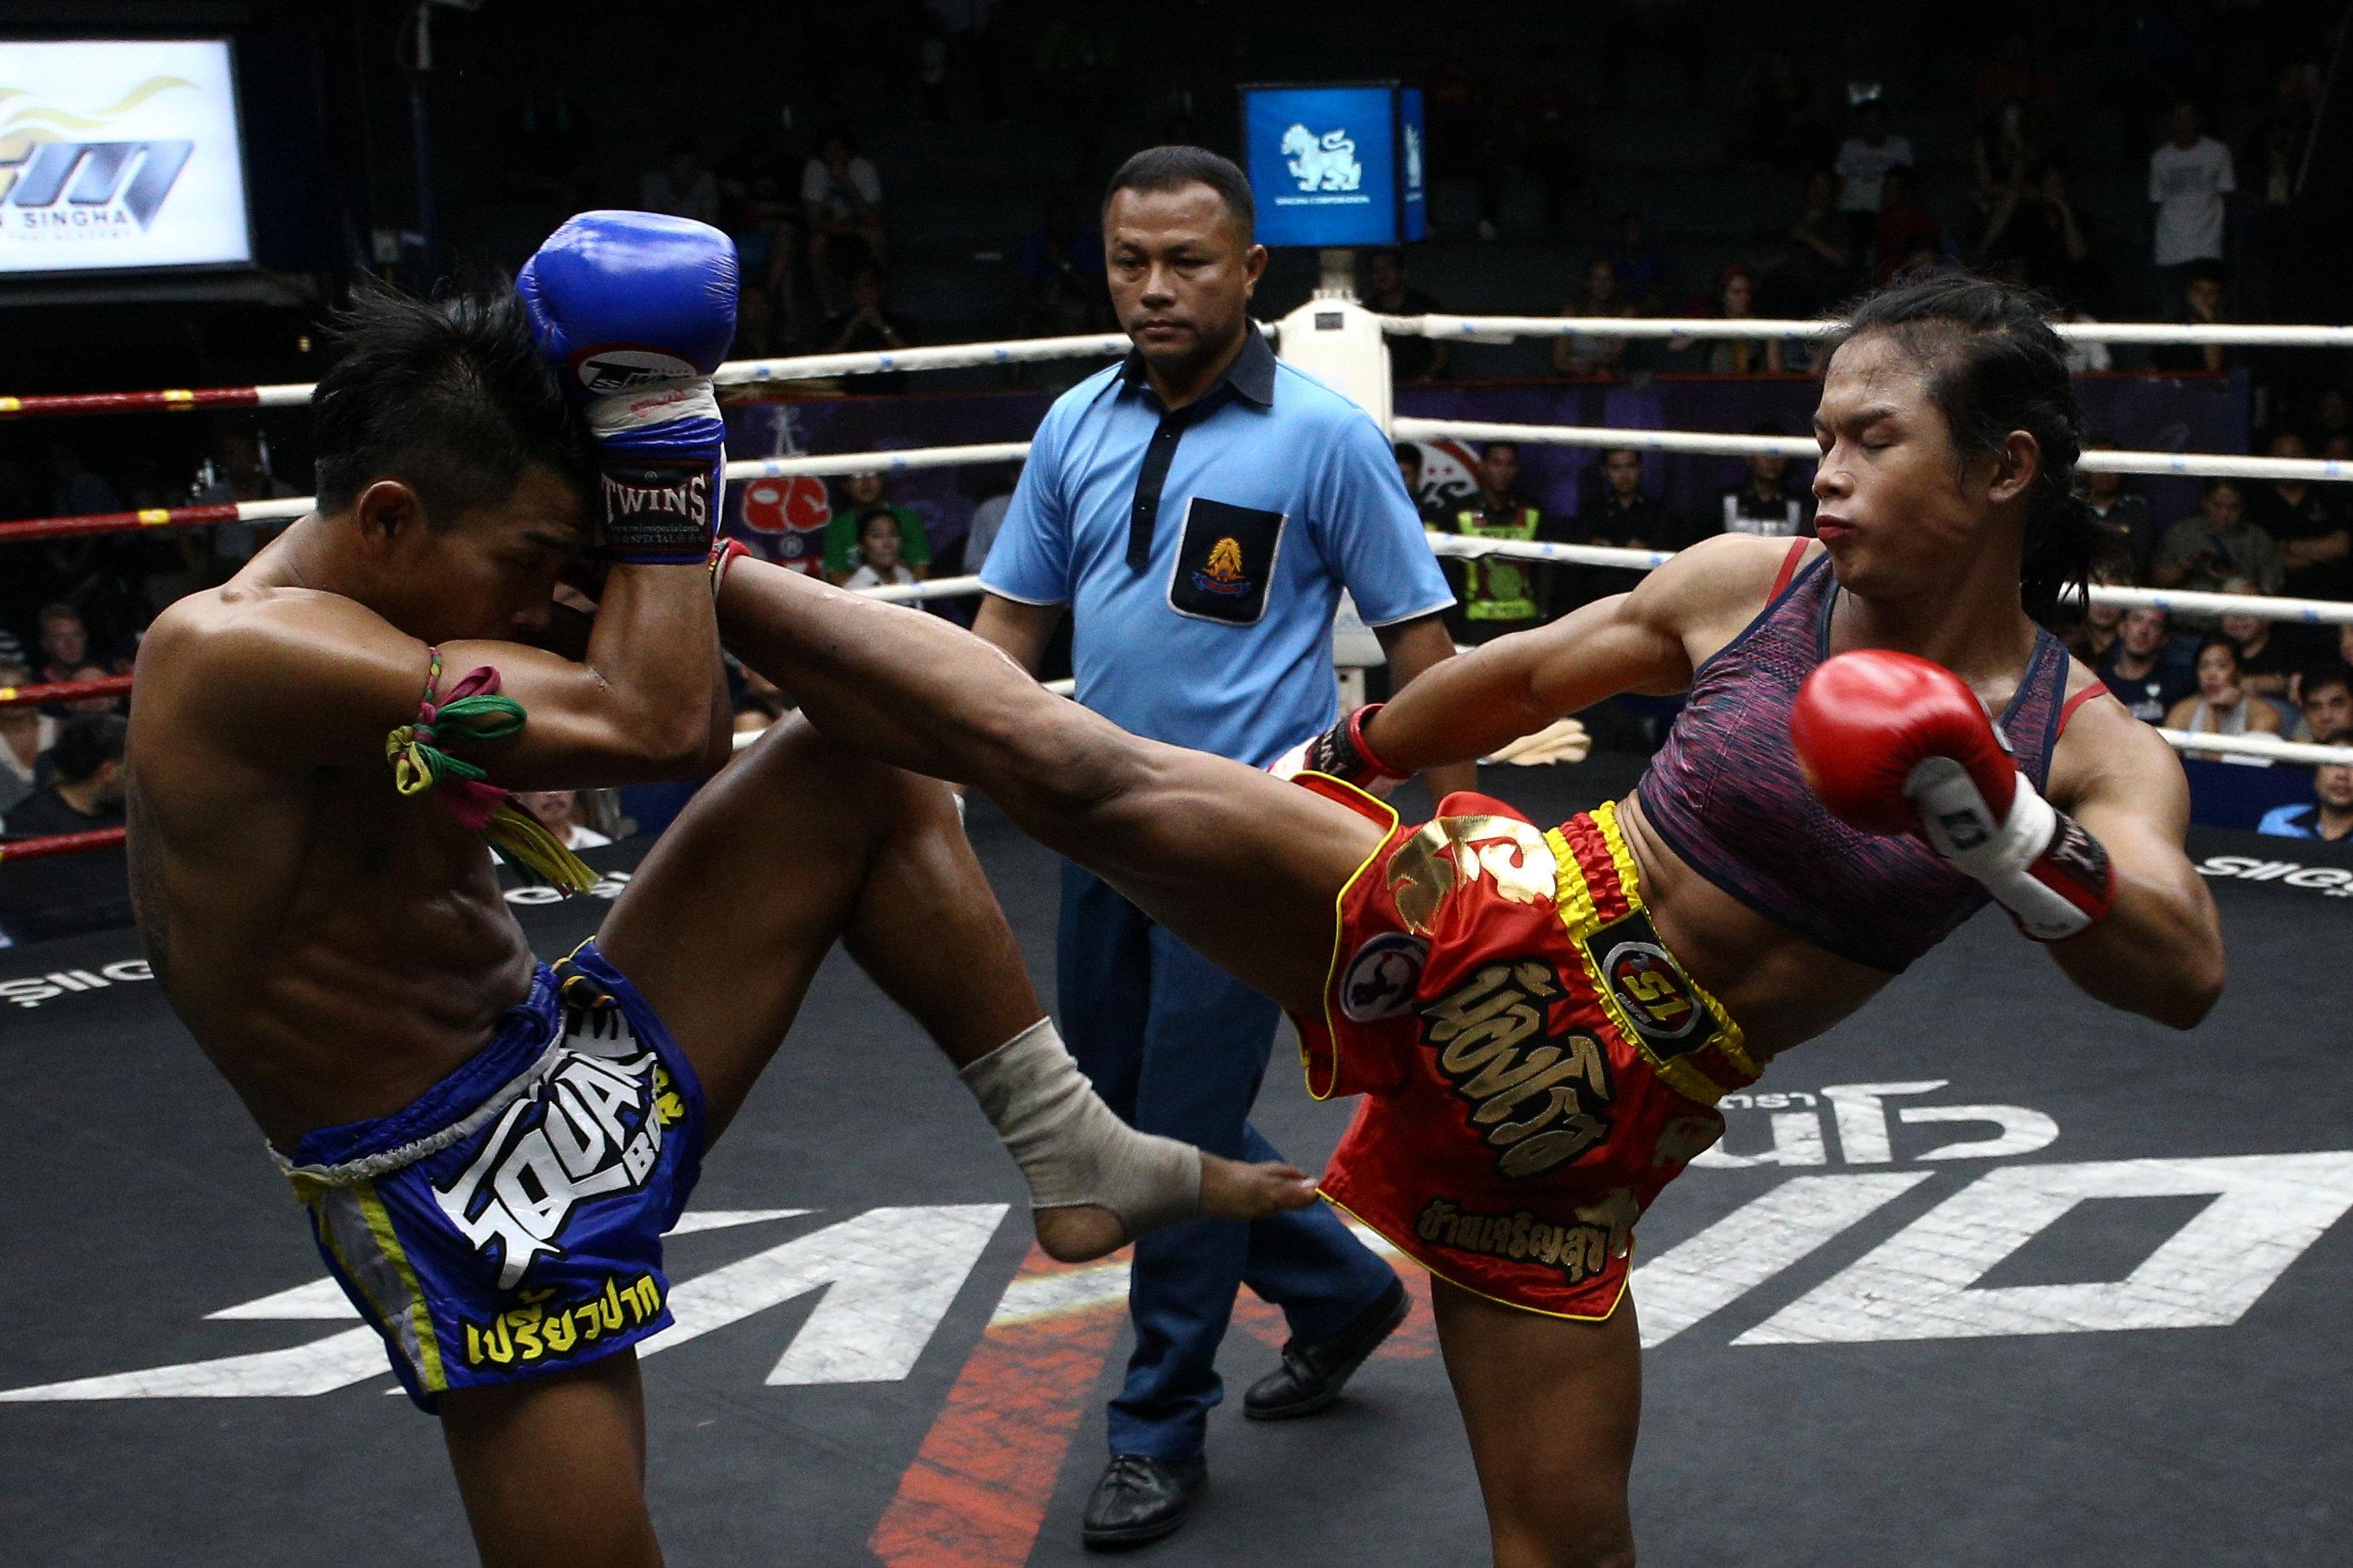 Muay Thai boxer Nong Rose Baan Charoensuk (R), 21, who is transgender, kicks Priewpak Sorjor Wichit-Padrew during a boxing match at the Rajadamnern Stadium in Bangkok, Thailand, July 13, 2017. REUTERS/Athit Perawongmetha